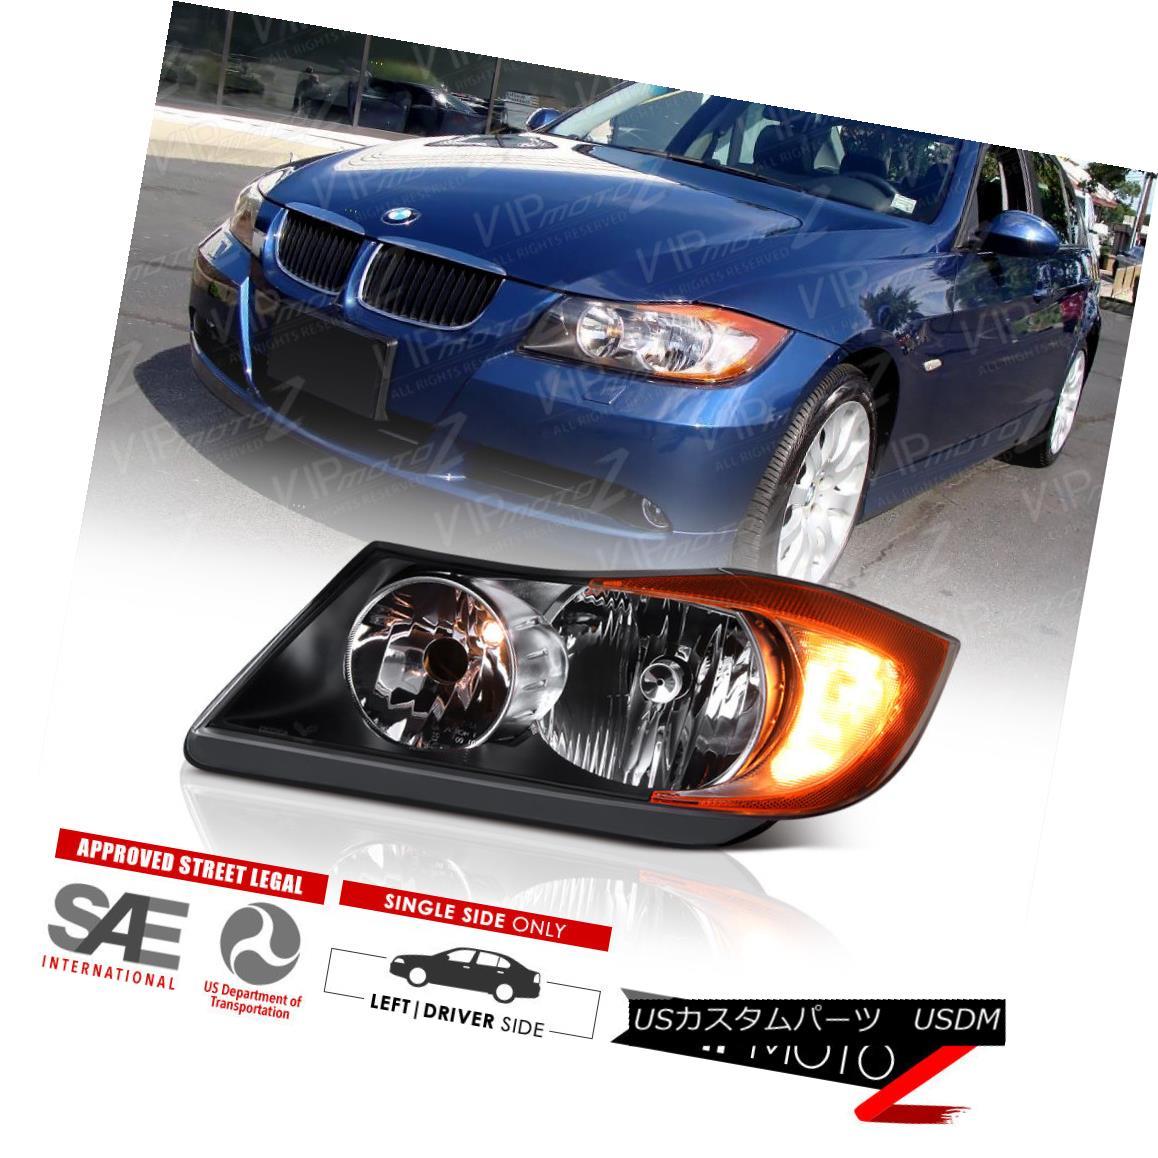 ヘッドライト [Driver Side] BMW E90 Sedan 2006-2008 330 328 325 335 Left Headlights Headlamps [ドライバーサイド] BMW E90セダン2006-2008 330 328 325 335左ヘッドライトヘッドランプ